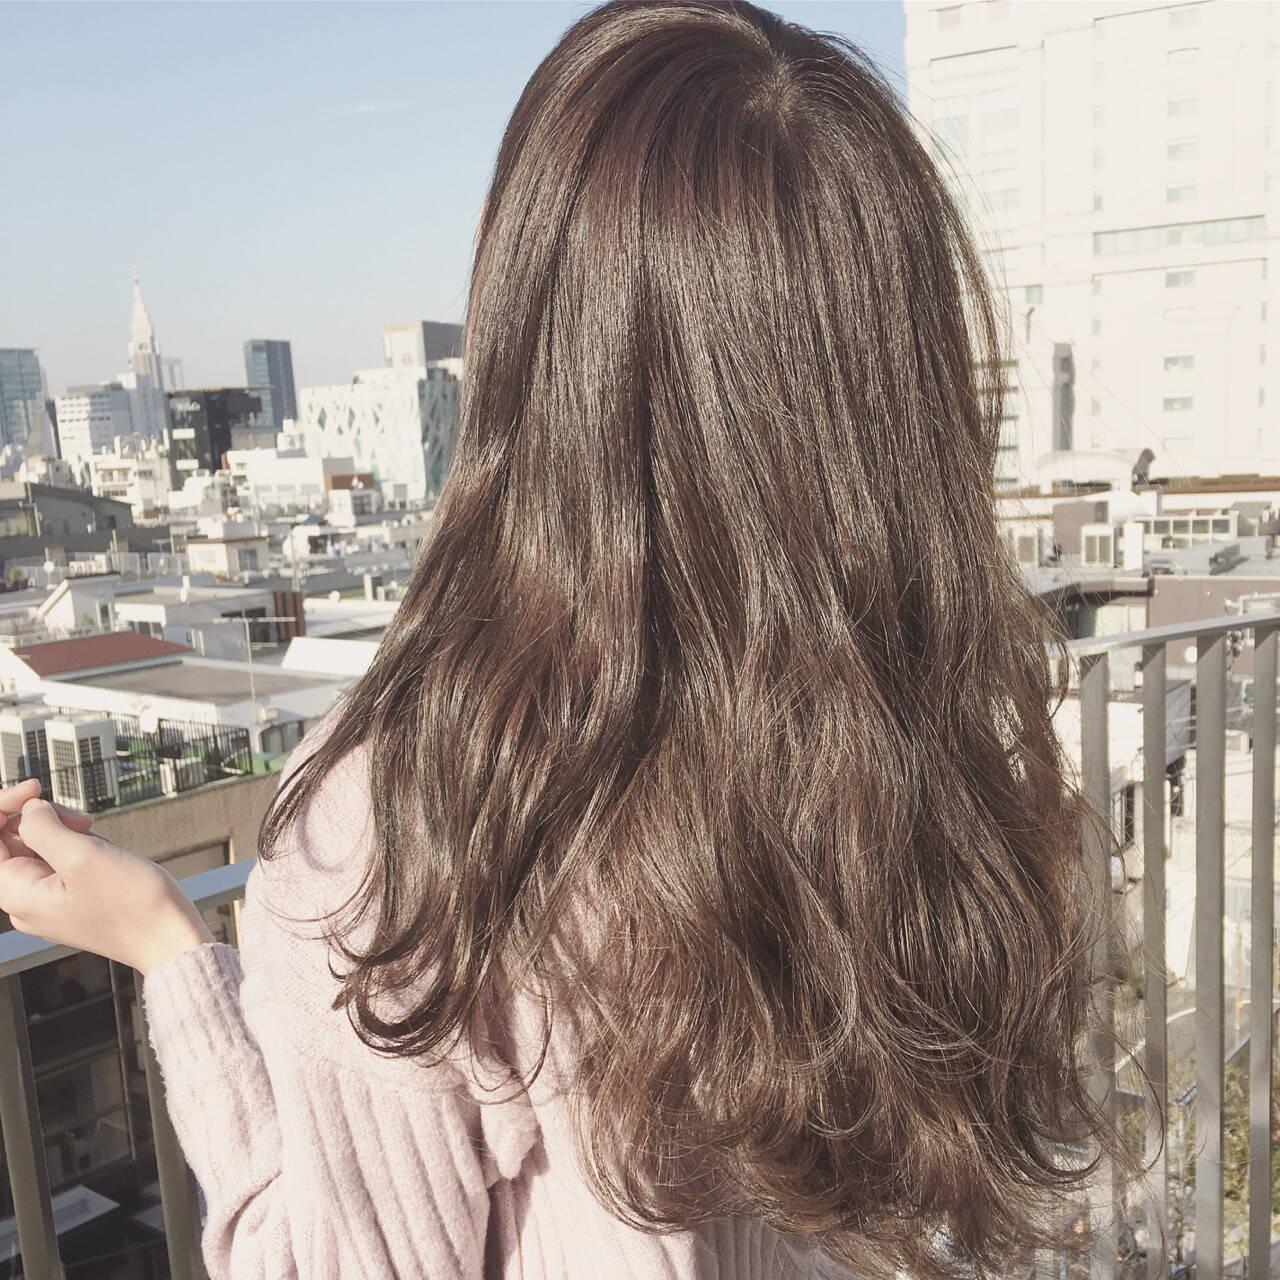 ハイライト 外国人風 ゆるふわ アッシュヘアスタイルや髪型の写真・画像